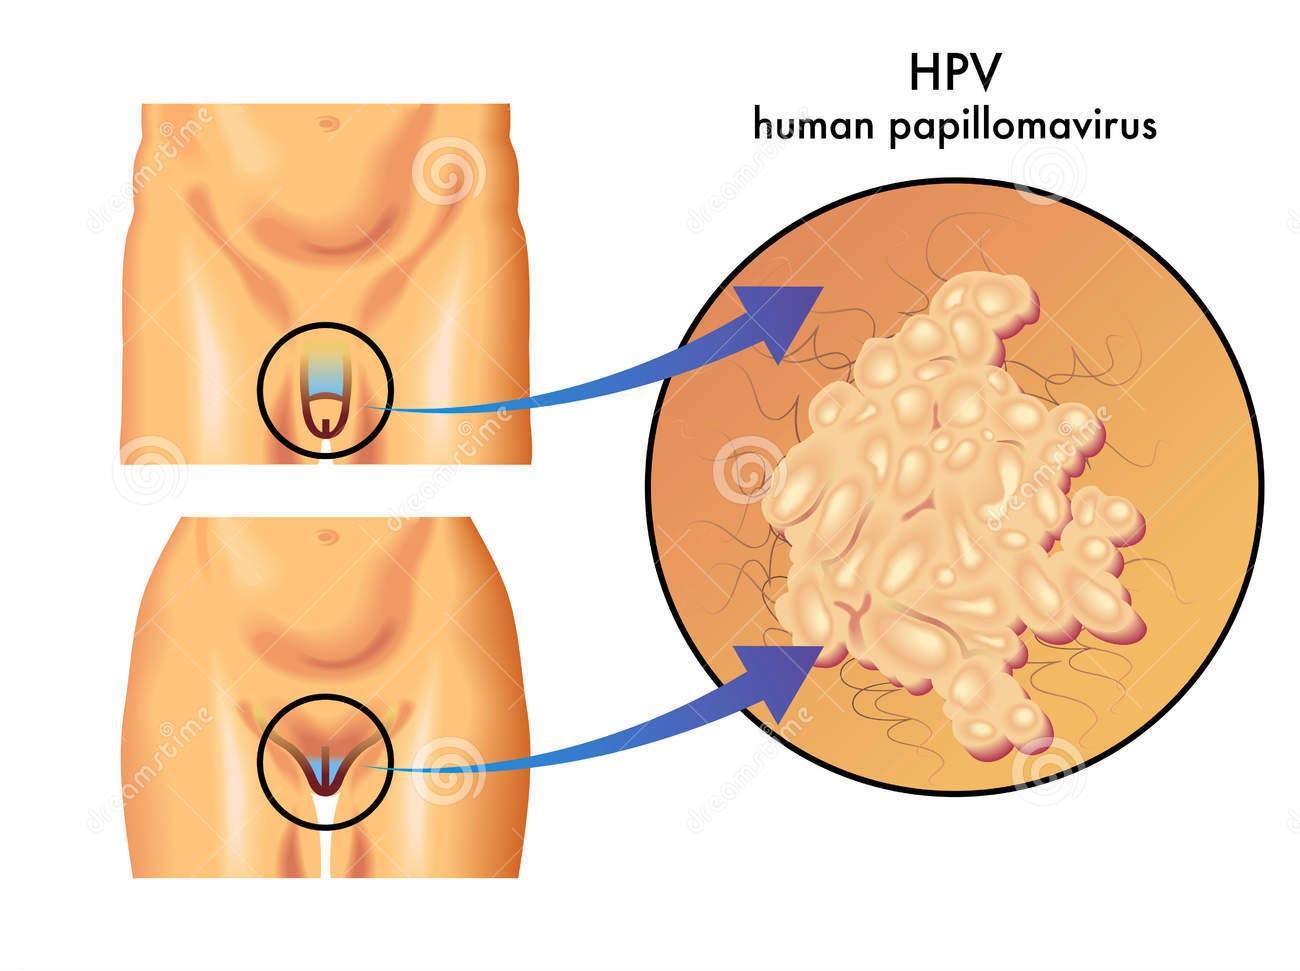 traitement papillomavirus stade 1 human papillomavirus infection etiology and pathogenesis